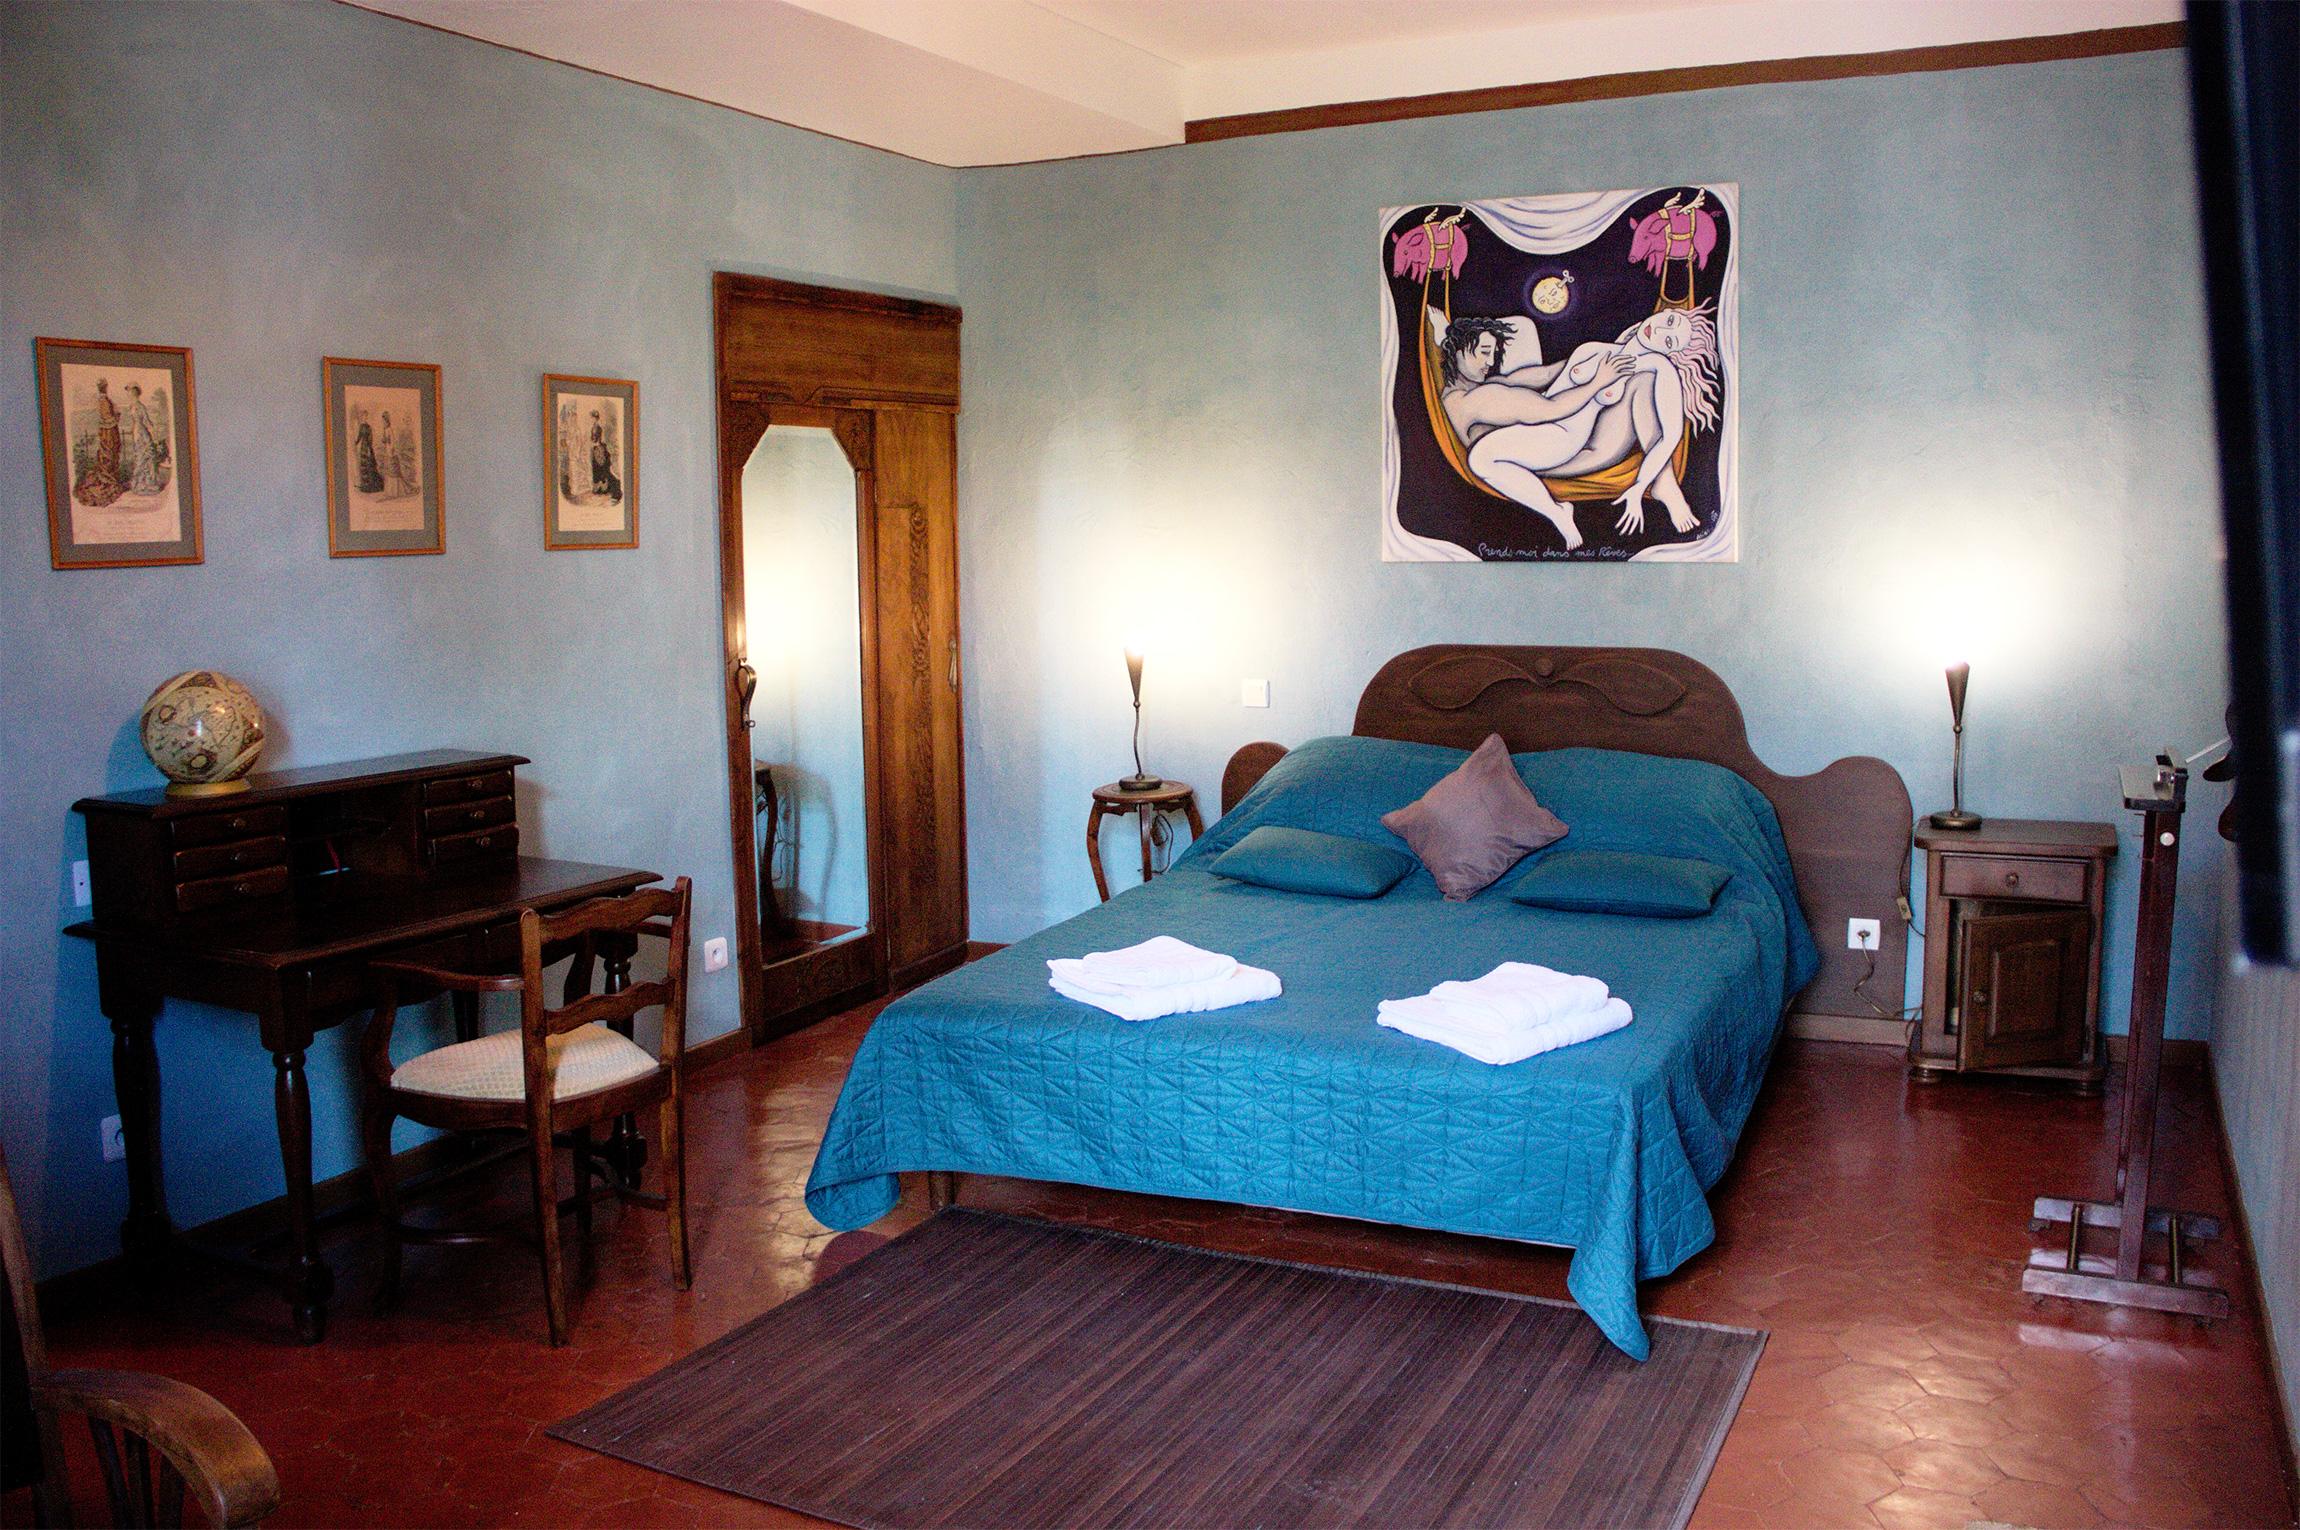 Location chambre d 39 h te 2 personnes dans les pyr n es - Chambre d hote lit et mixe ...